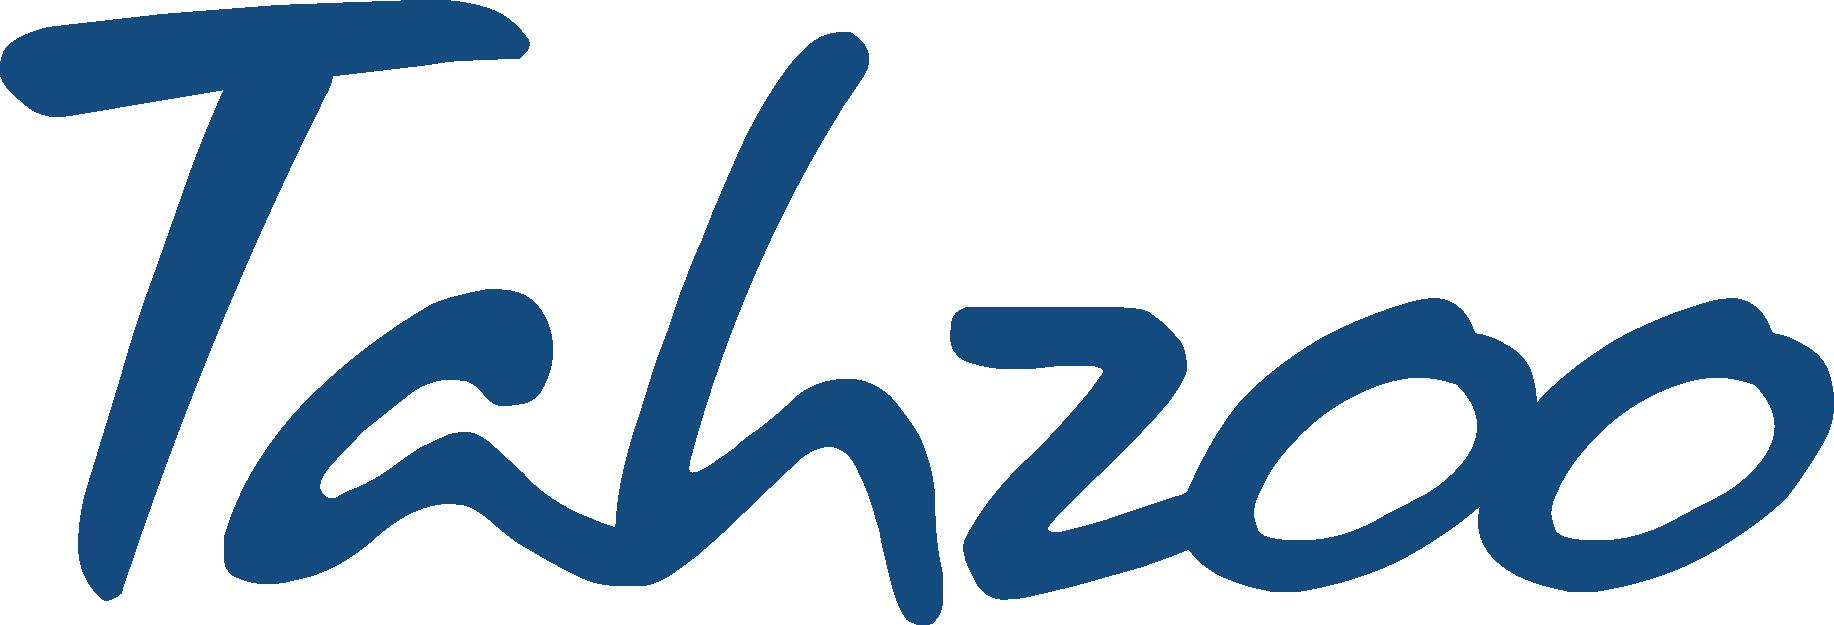 Tahzoo